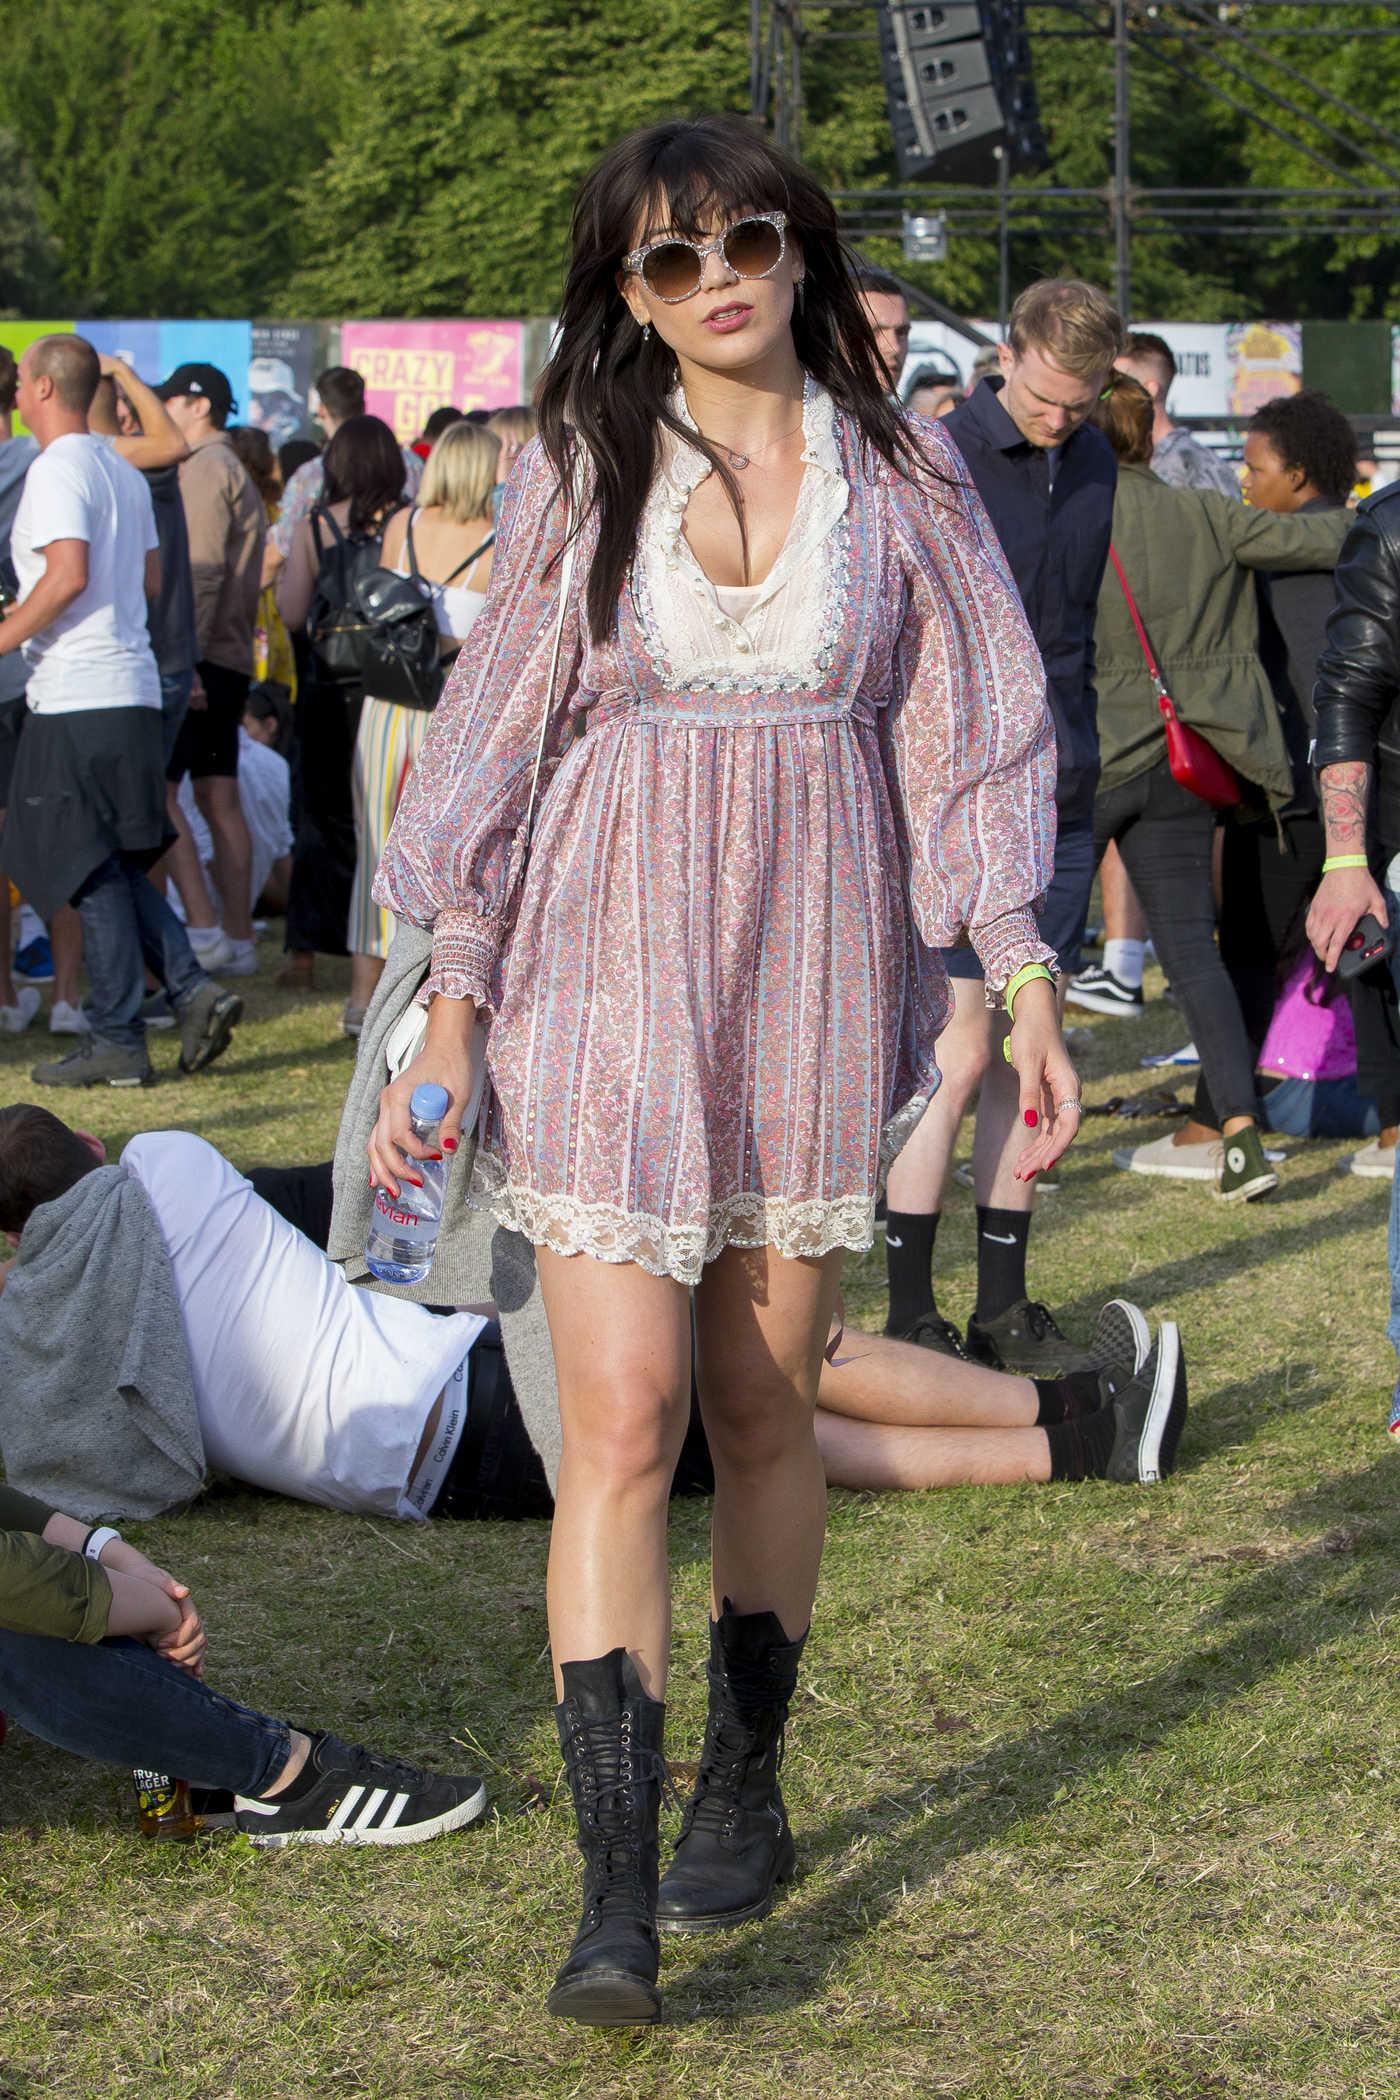 Daisy Lowe Attends Lovebox Festival in London 07/15/2017